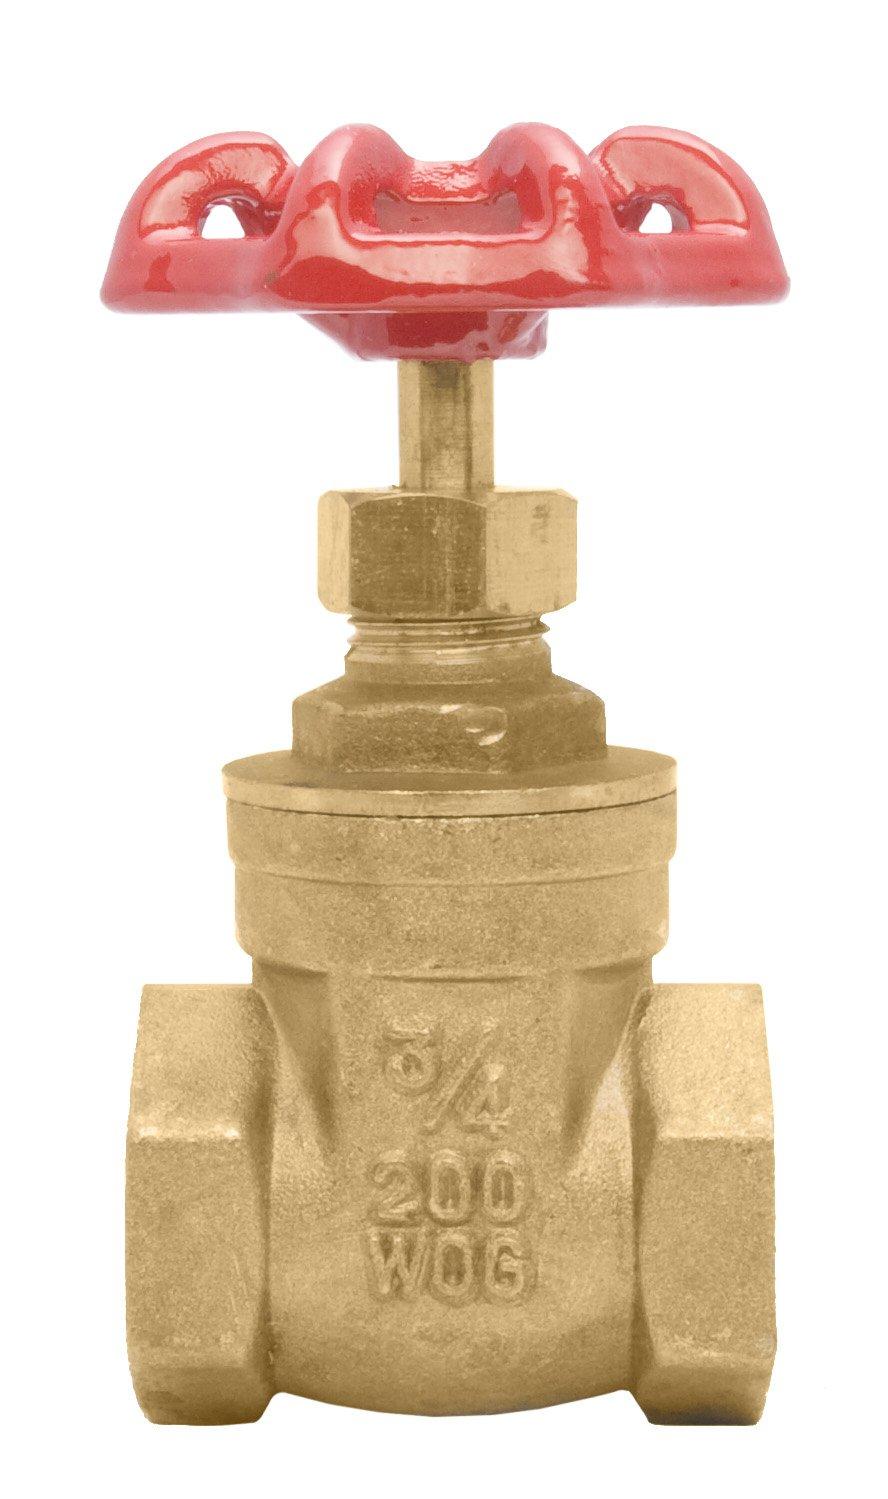 3/4'' Brass Gate Valve - 200WOG, FxF NPT